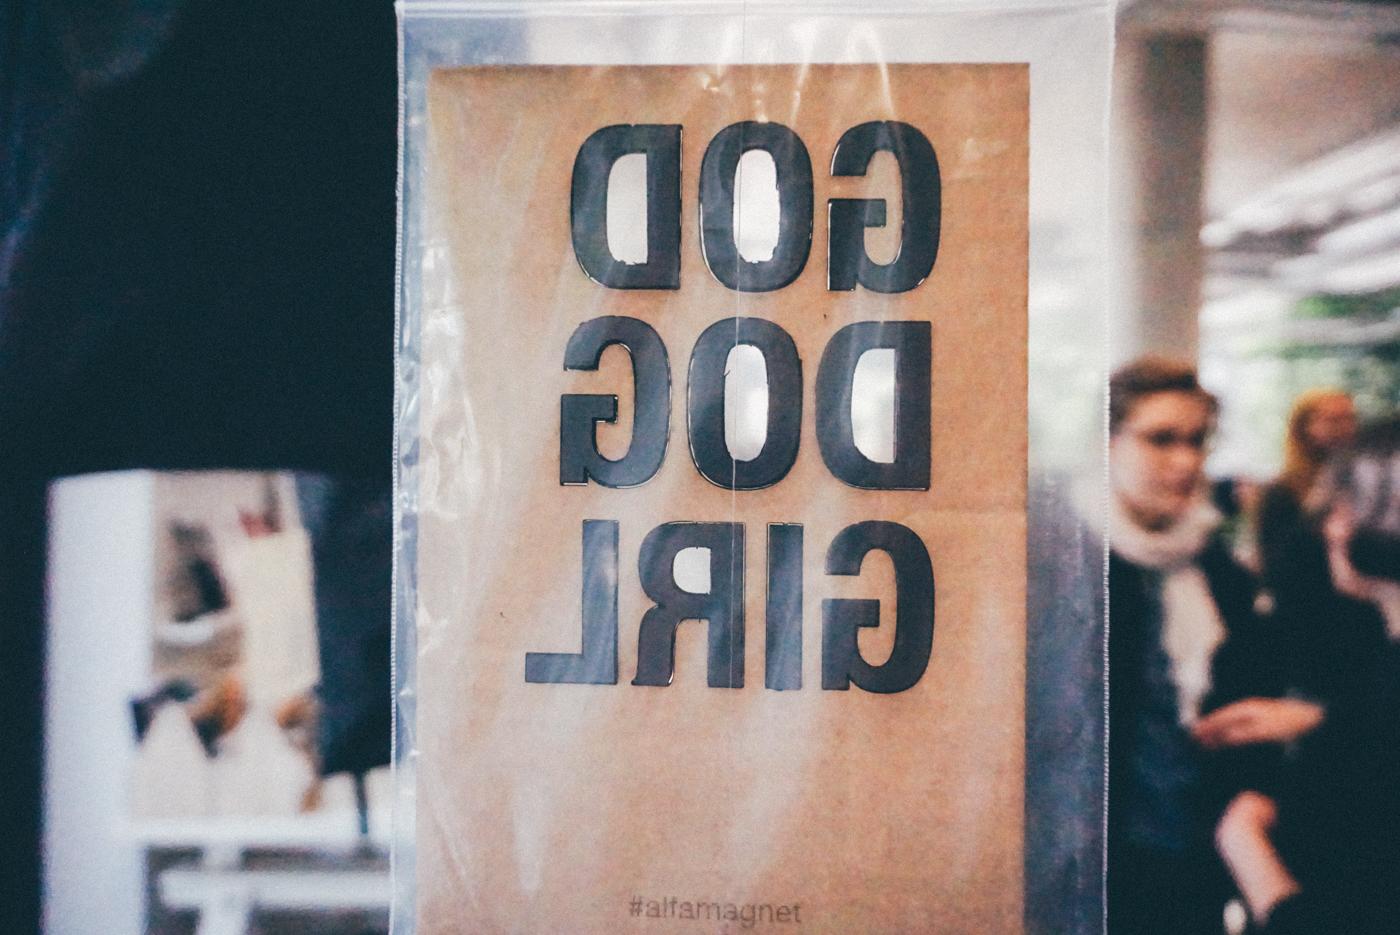 hupehype_estonianacademyofarts-36